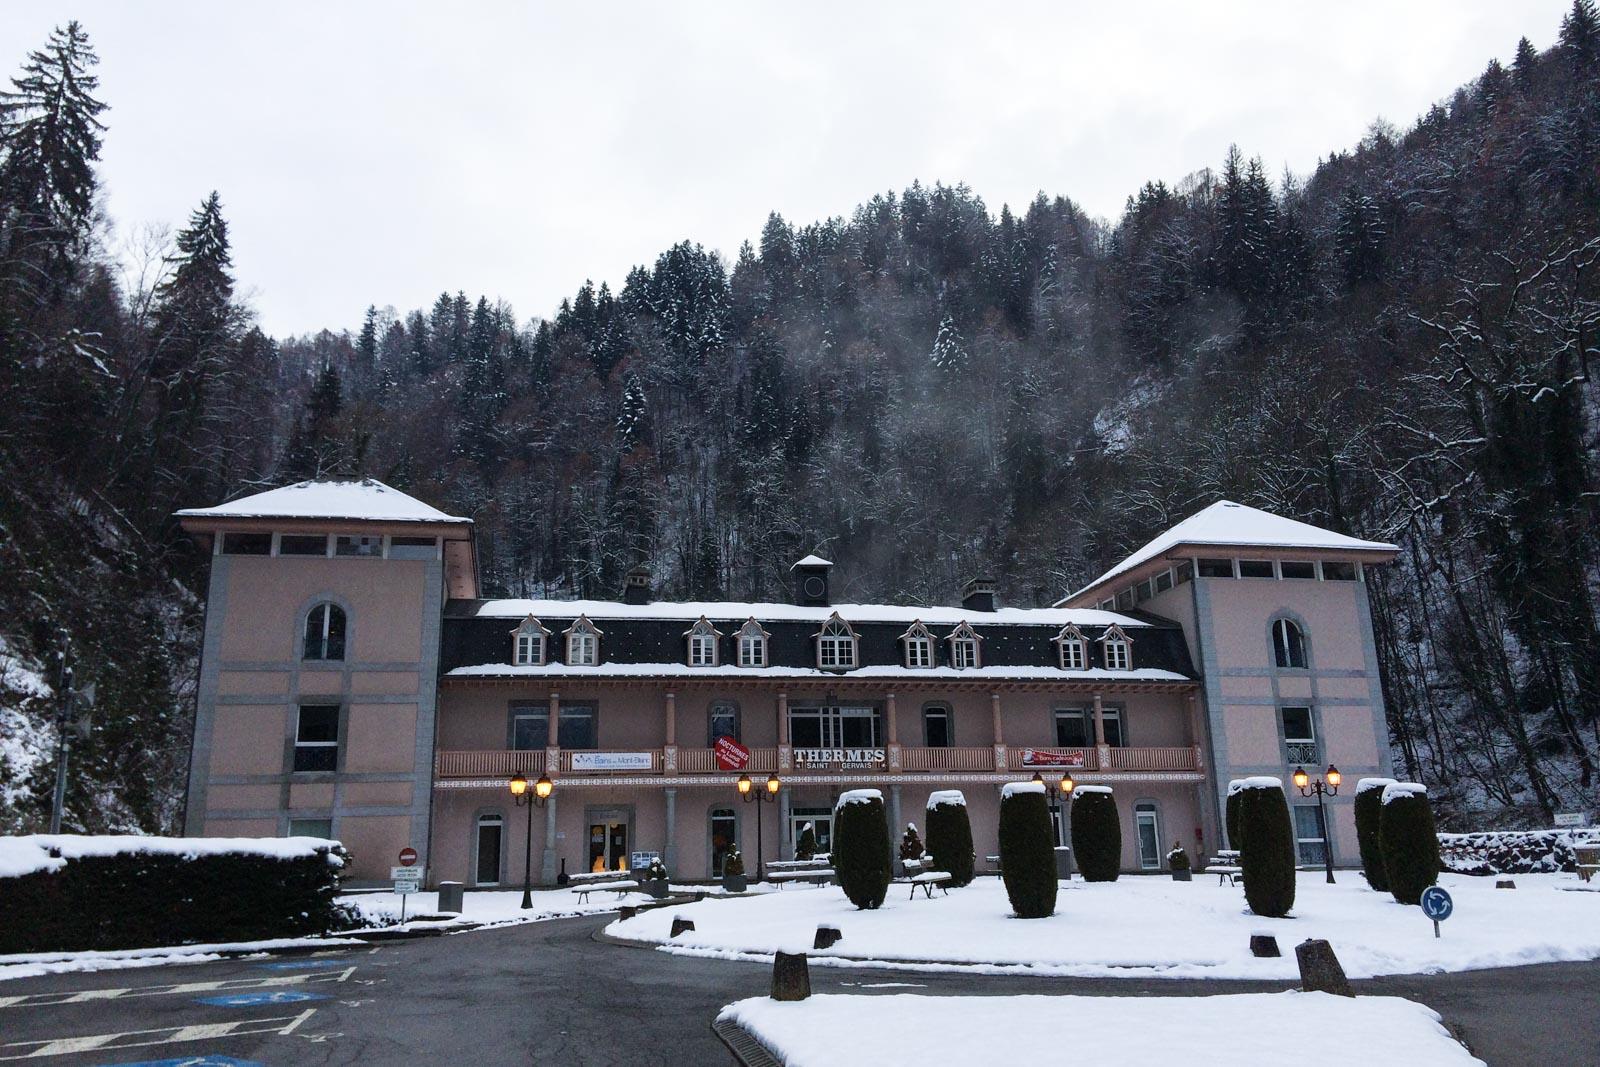 Die Thermen von Saint Gervais lohnen sich trotz des hohen Eintrittspreises. Nur war das Fotografieren darin leider nicht gestattet.